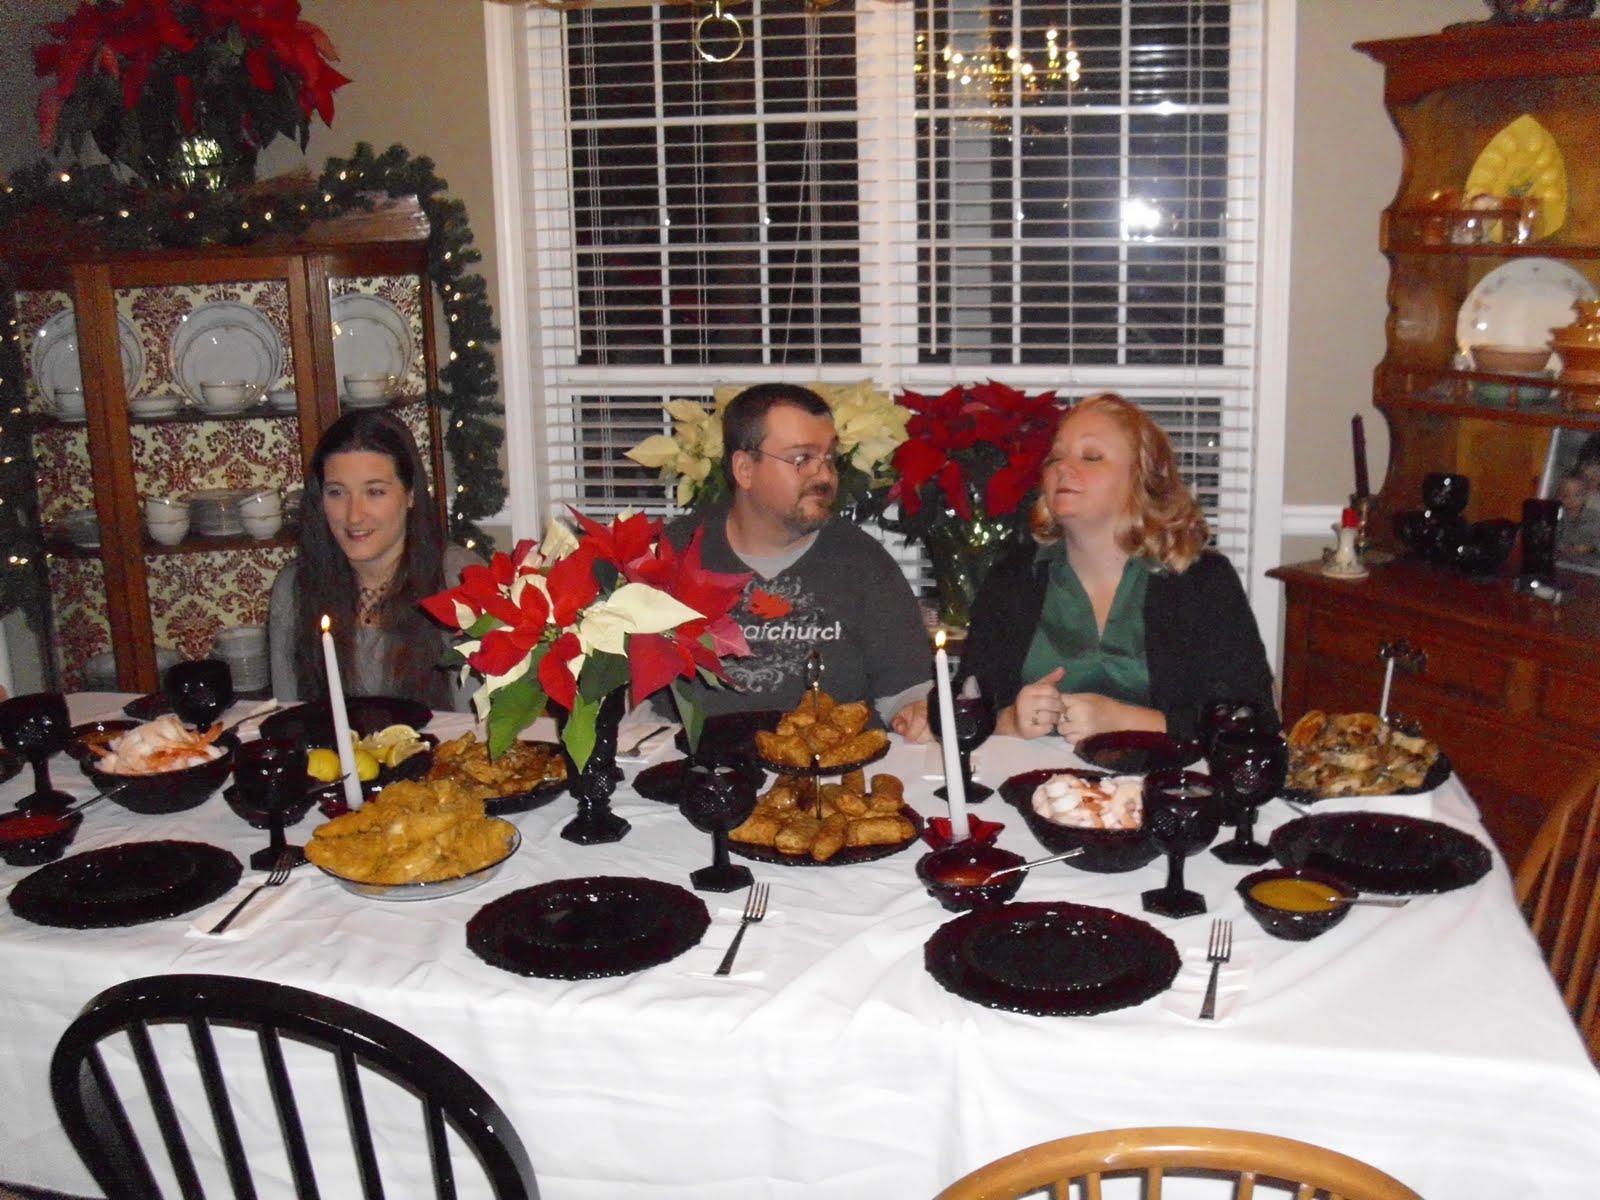 [Christmas+Eve+table]